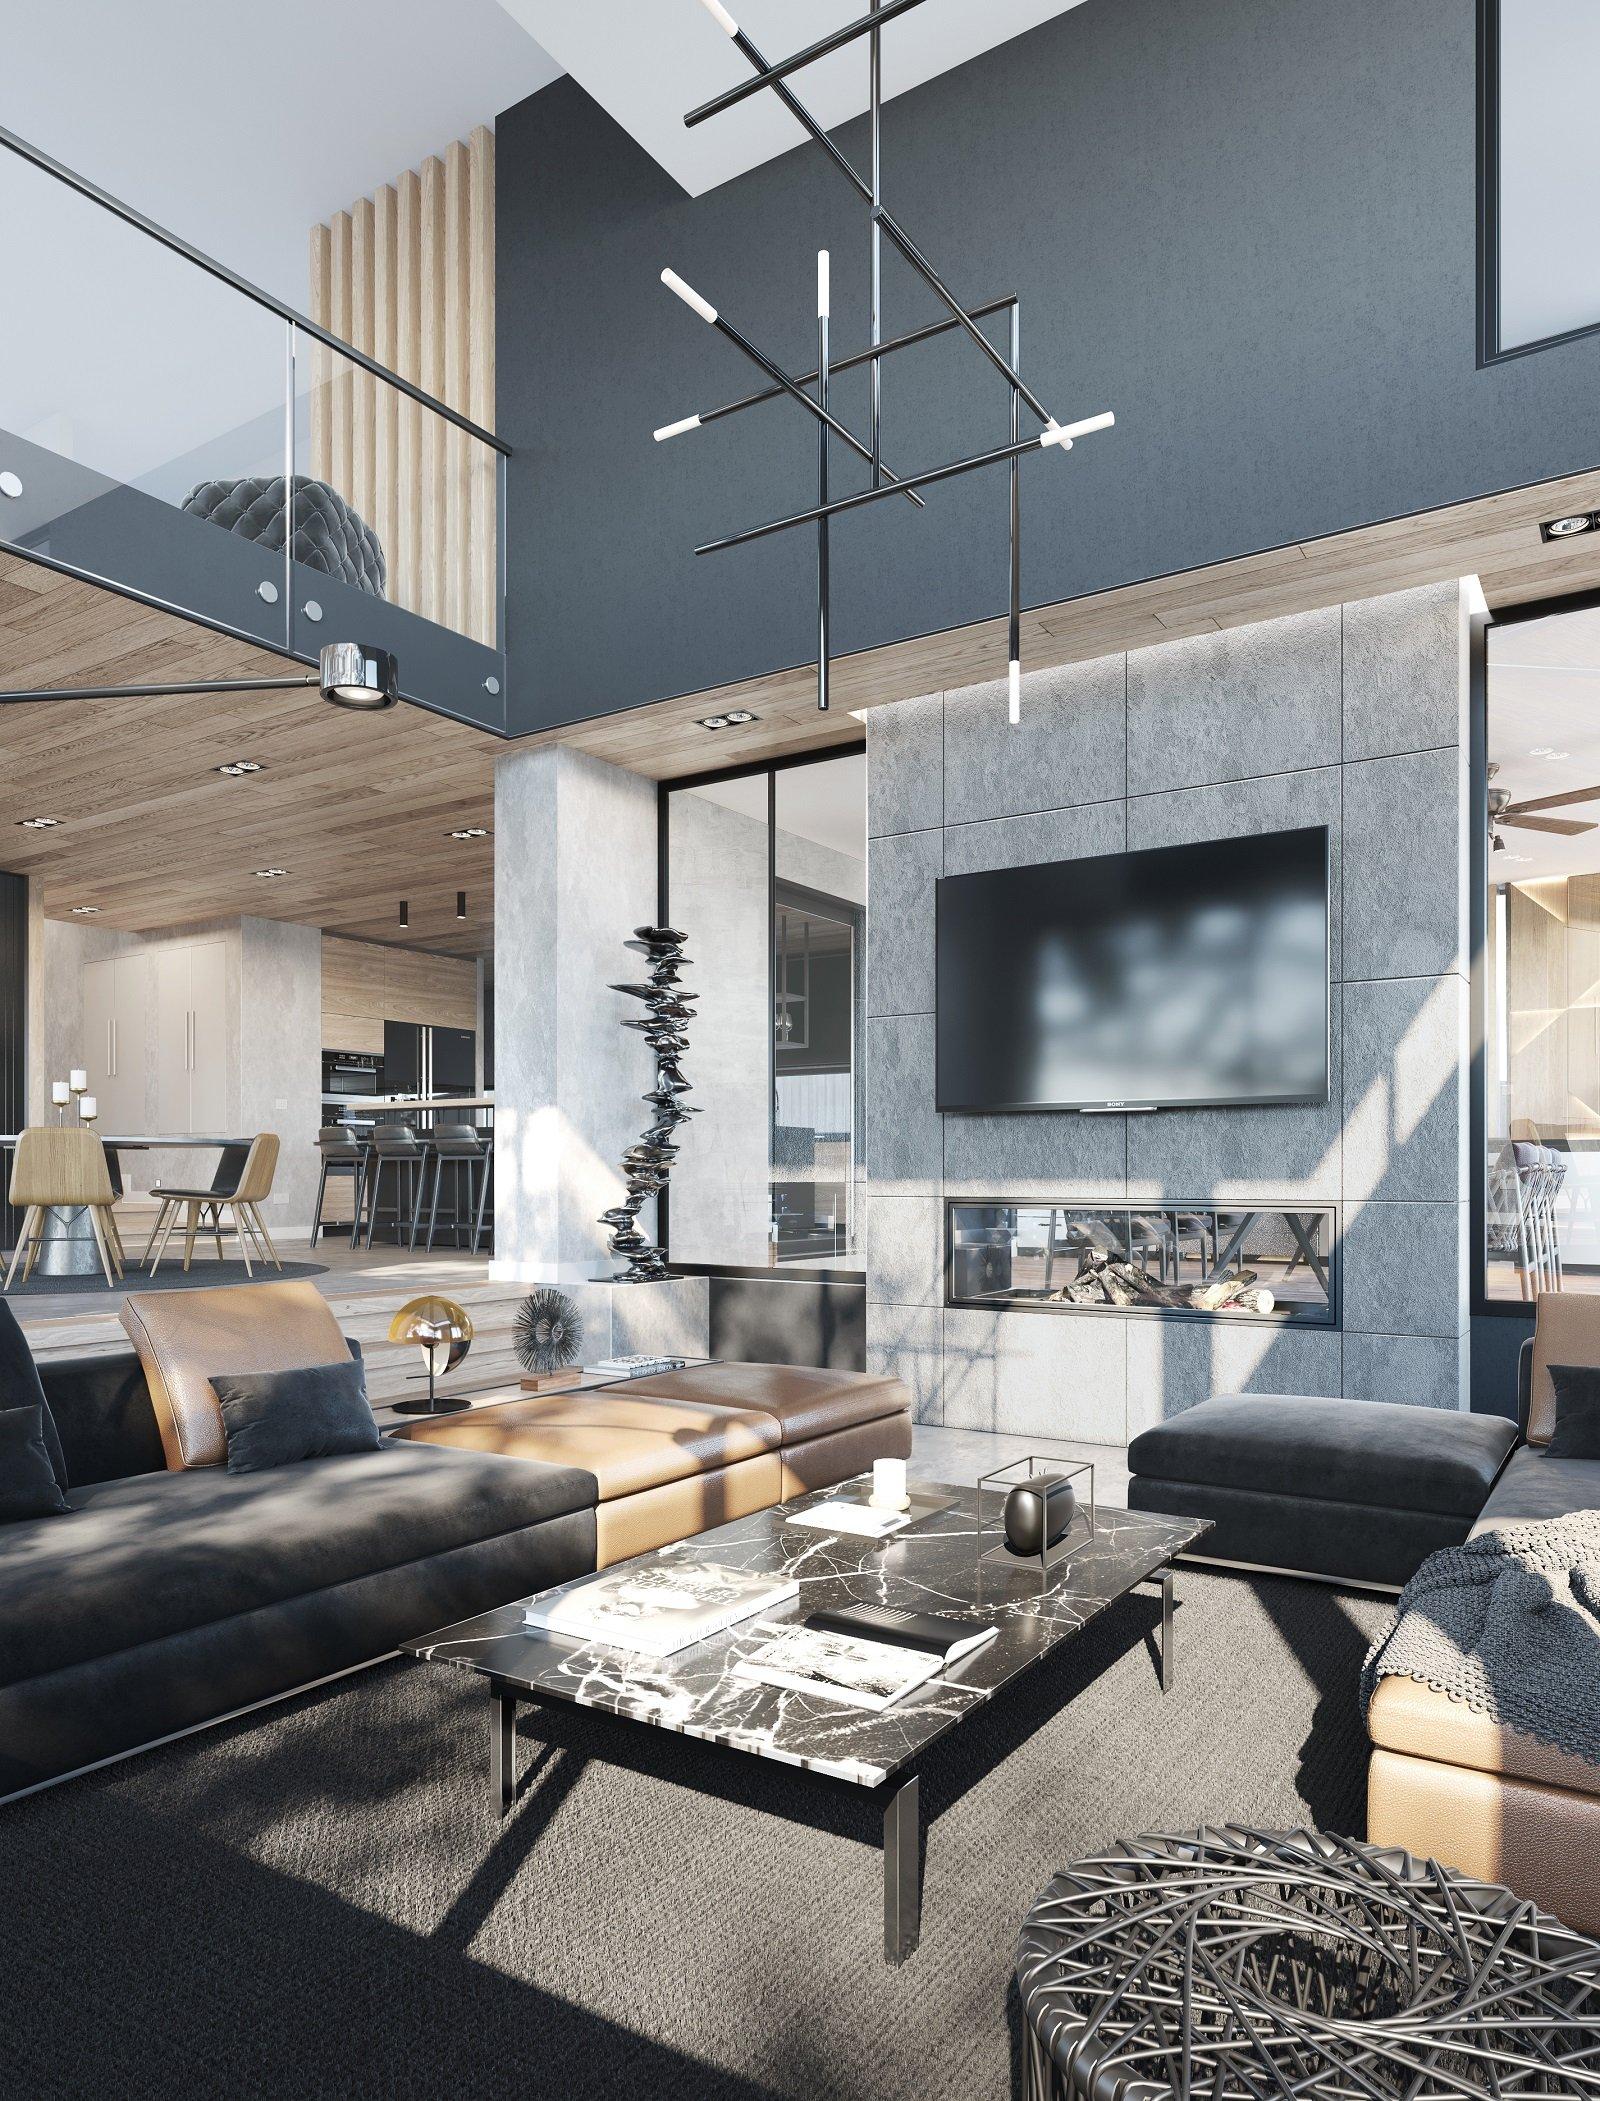 bond-street-cam03-living-room-19-08-28